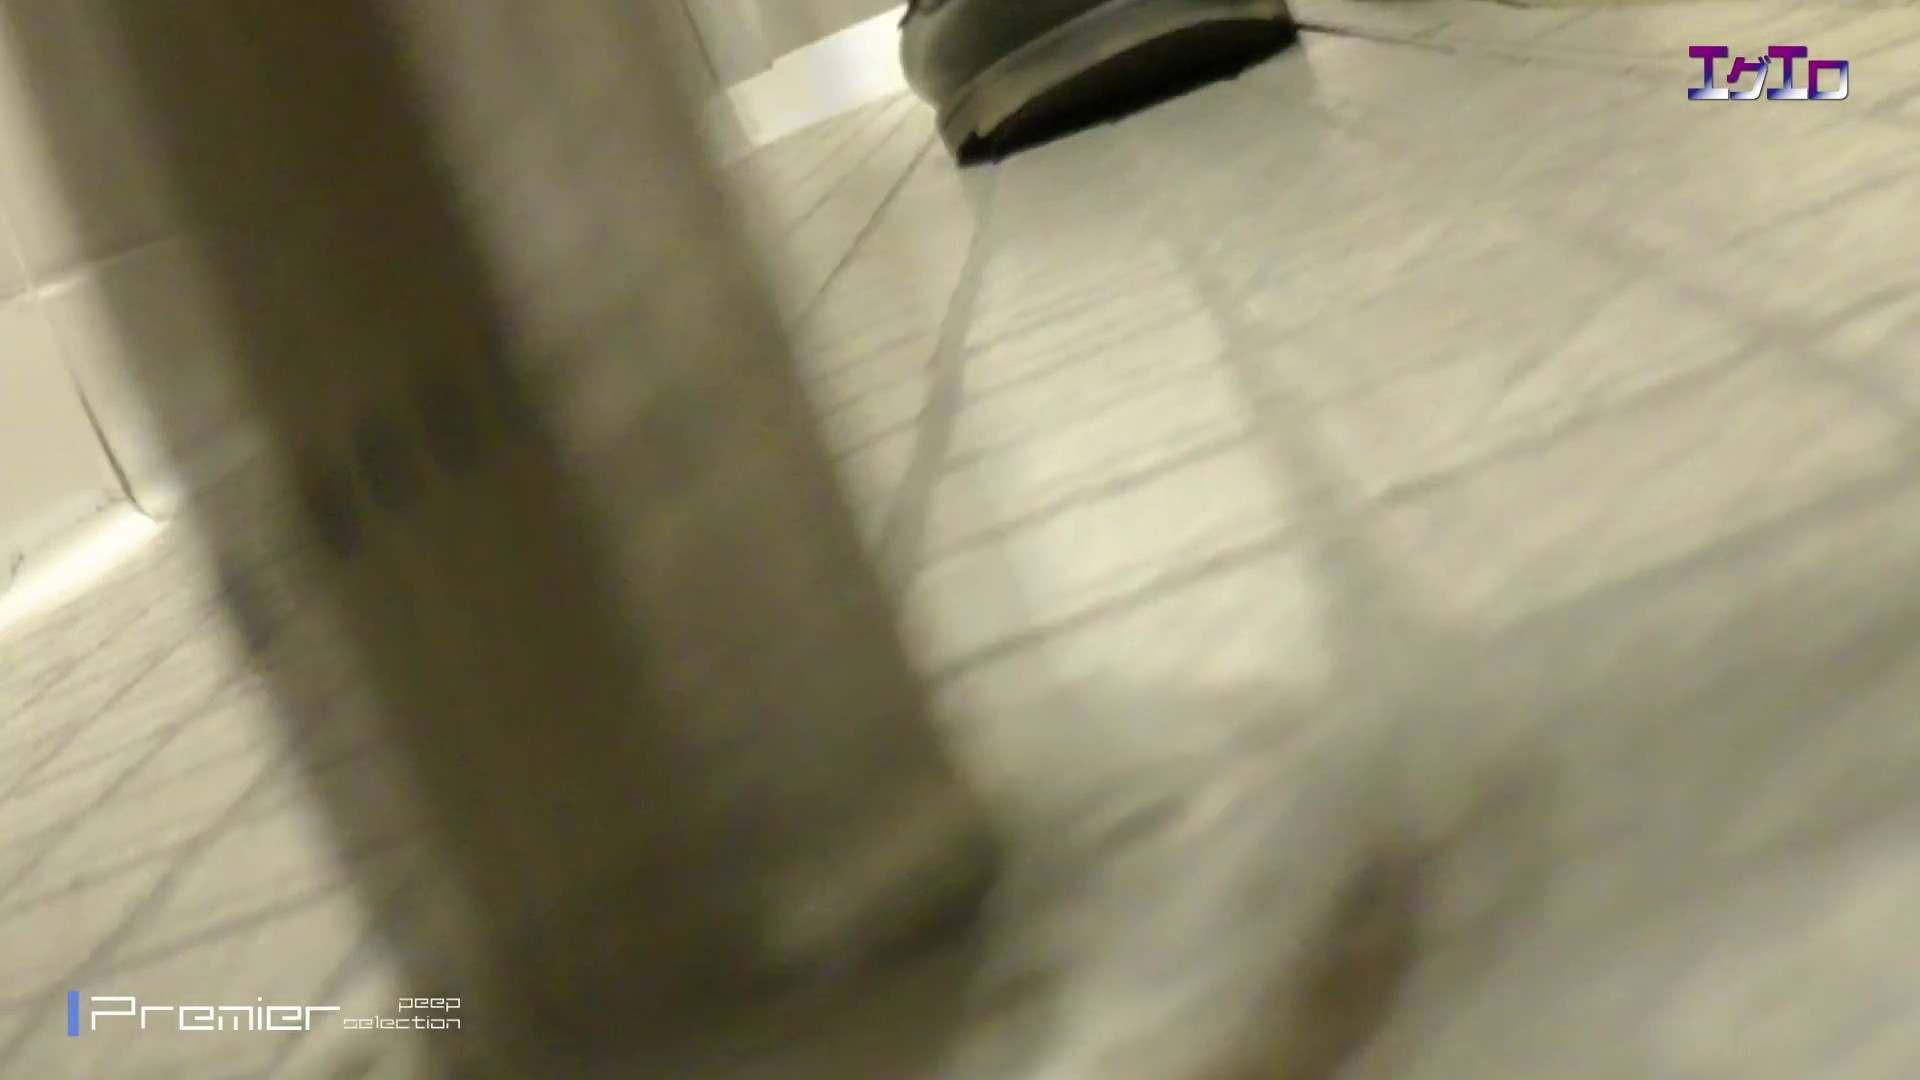 執念の撮影&追撮!!某女子校の通学路にあるトイレ 至近距離洗面所 Vol.16 トイレ  82pic 32